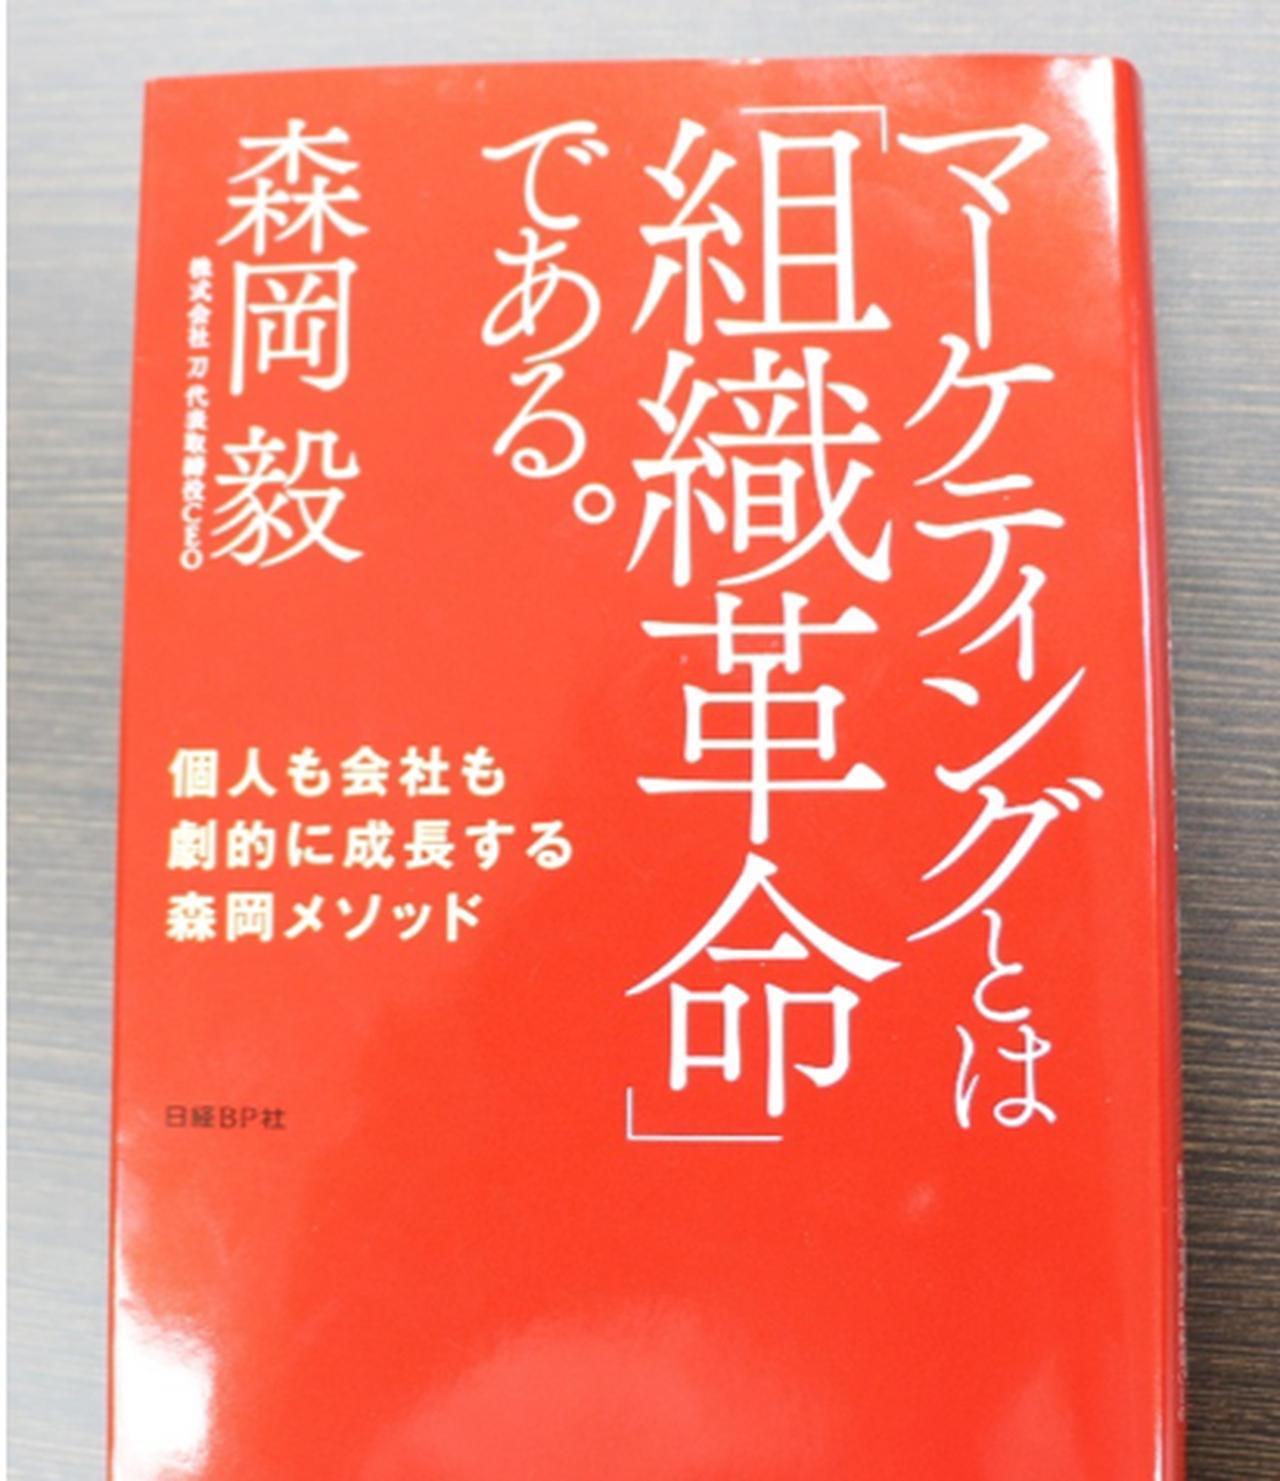 画像: 【BOOKレビュー】チームの強化に役立ちそうな本──勝手にレビュー #005 マーケティングとは「組織革命」である。